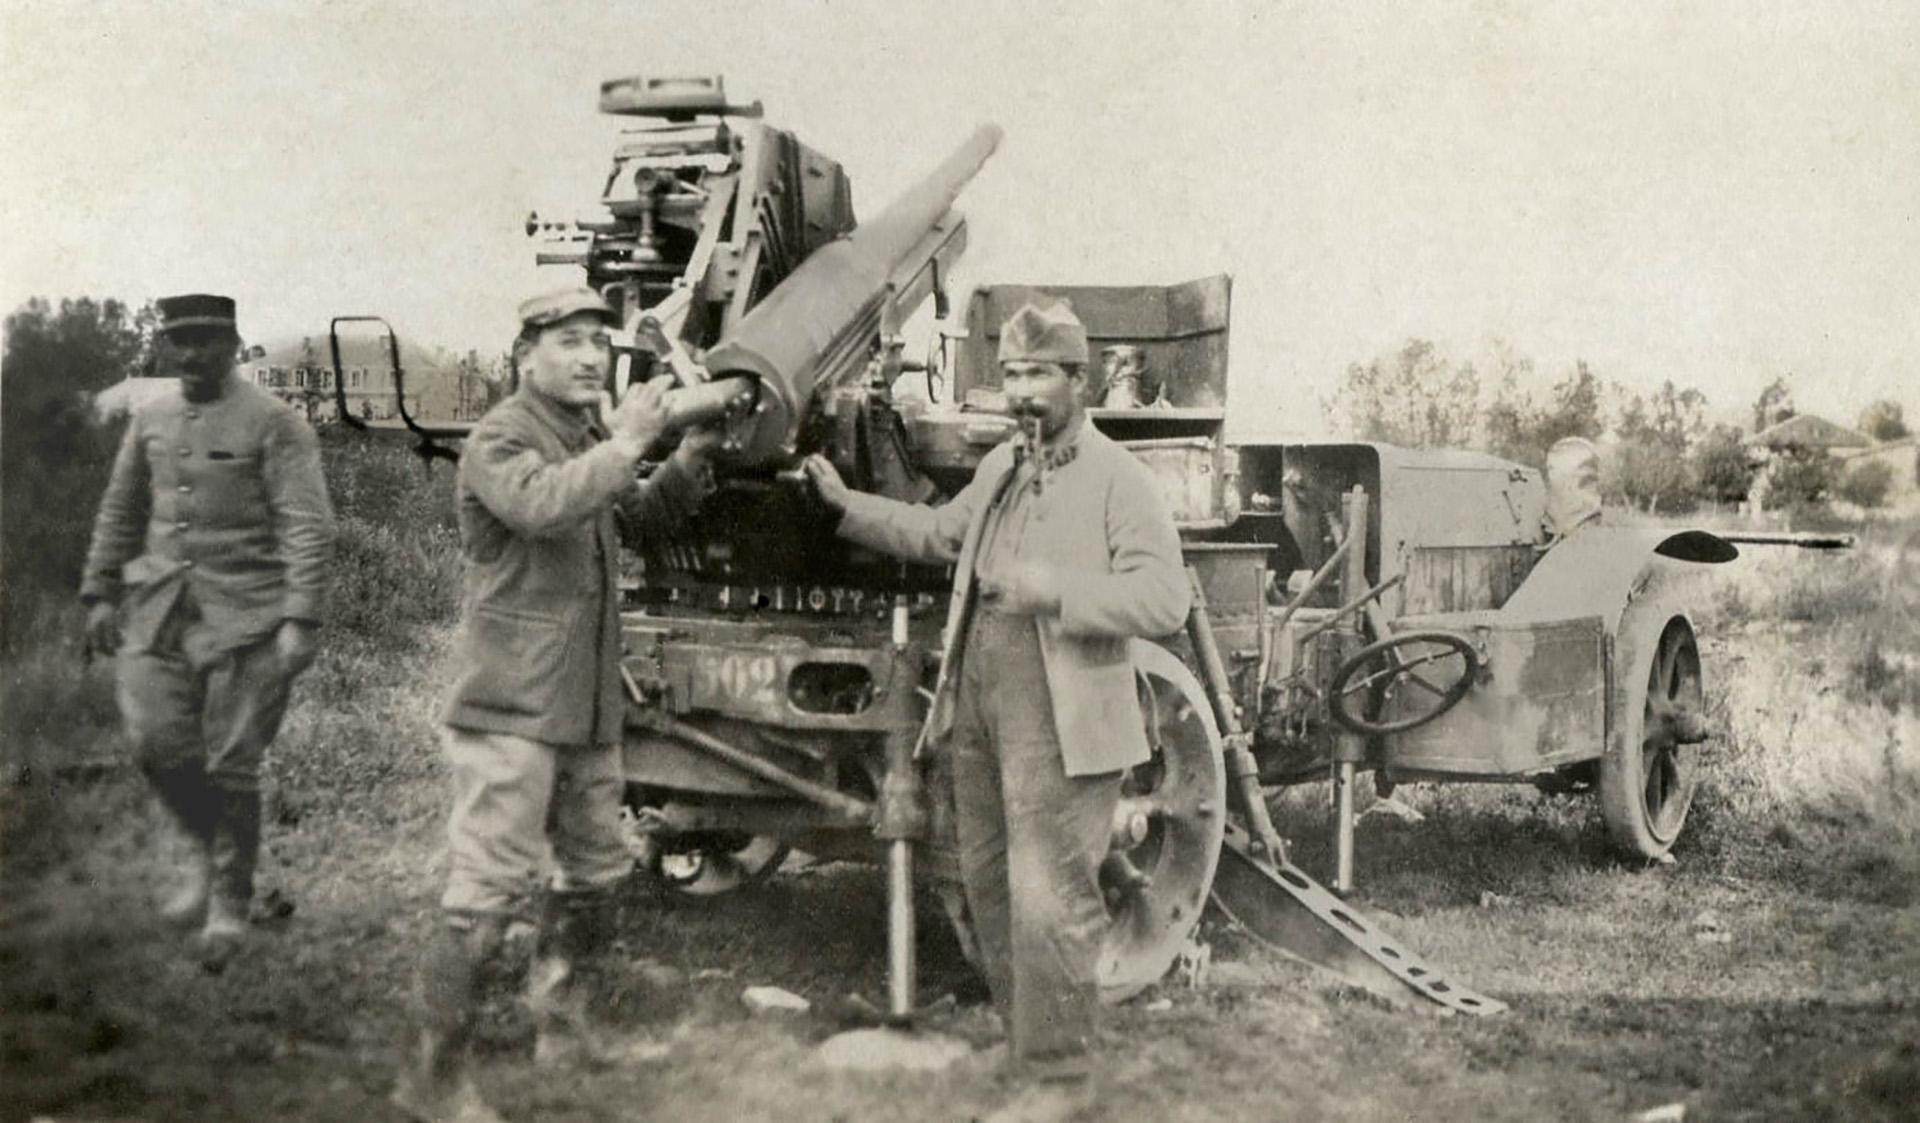 El famoso cañón de artillería francés de 75 mm, adaptado para el fuego antiaéreo